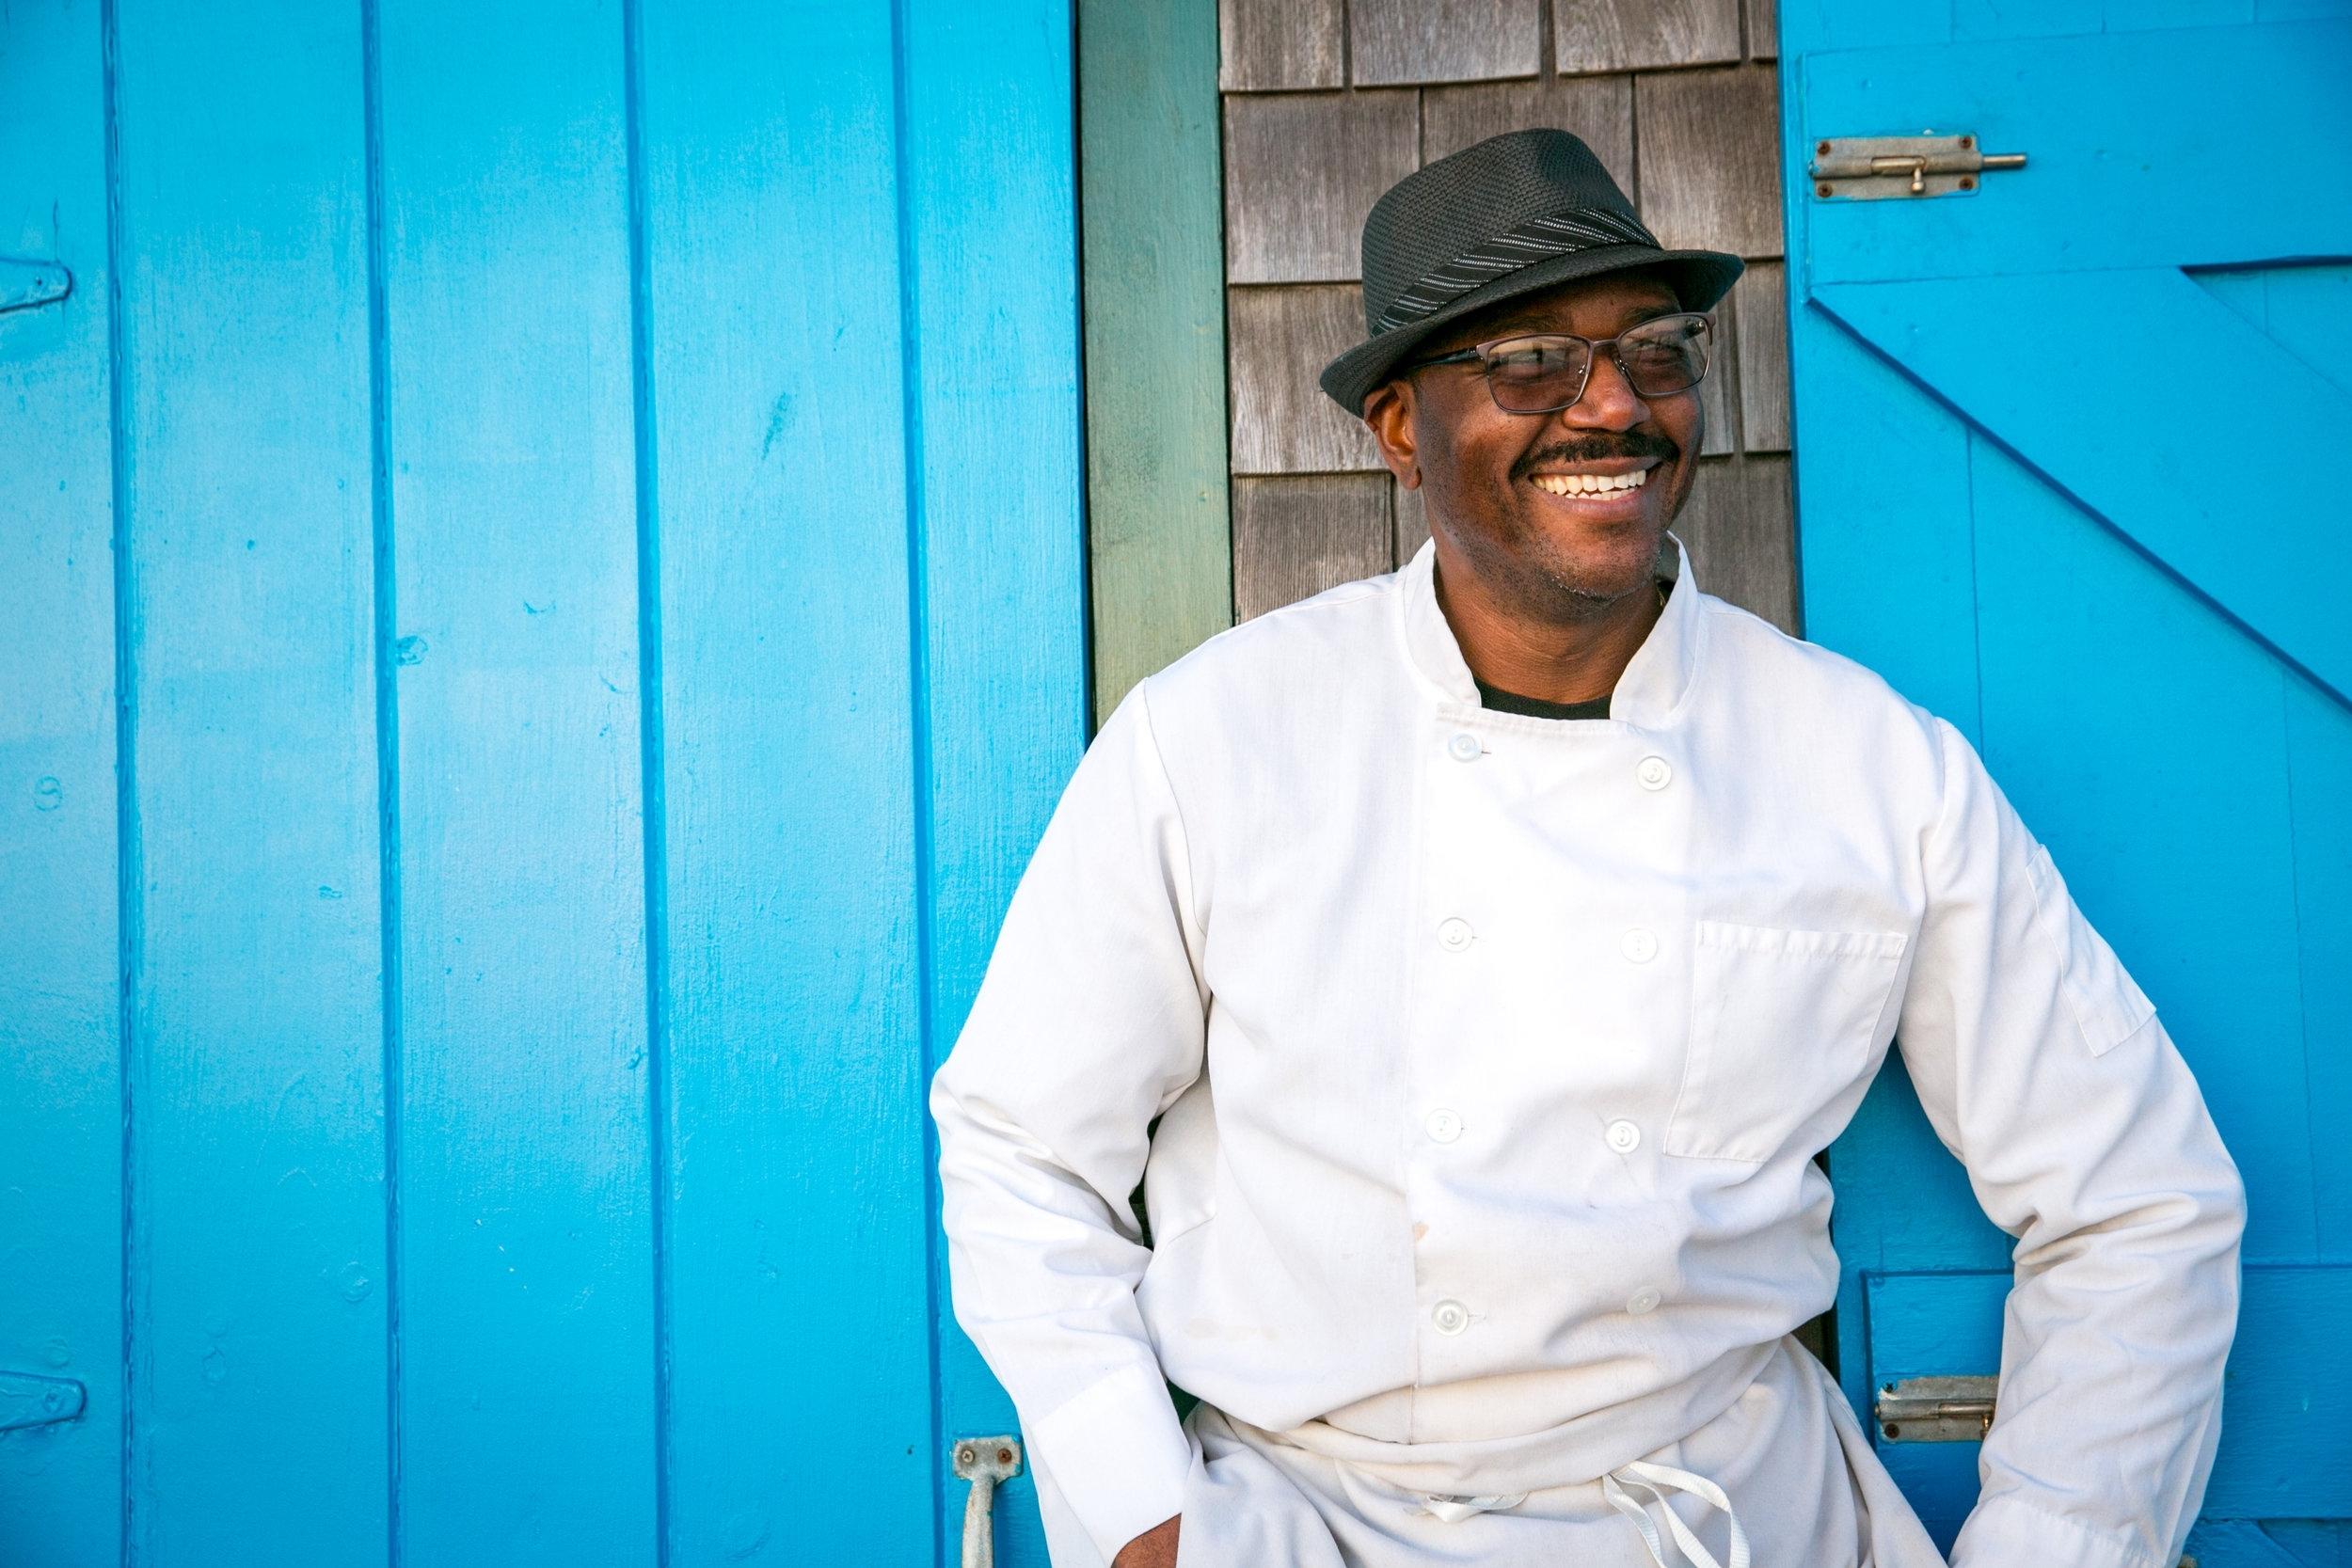 Meet Chef Deon -